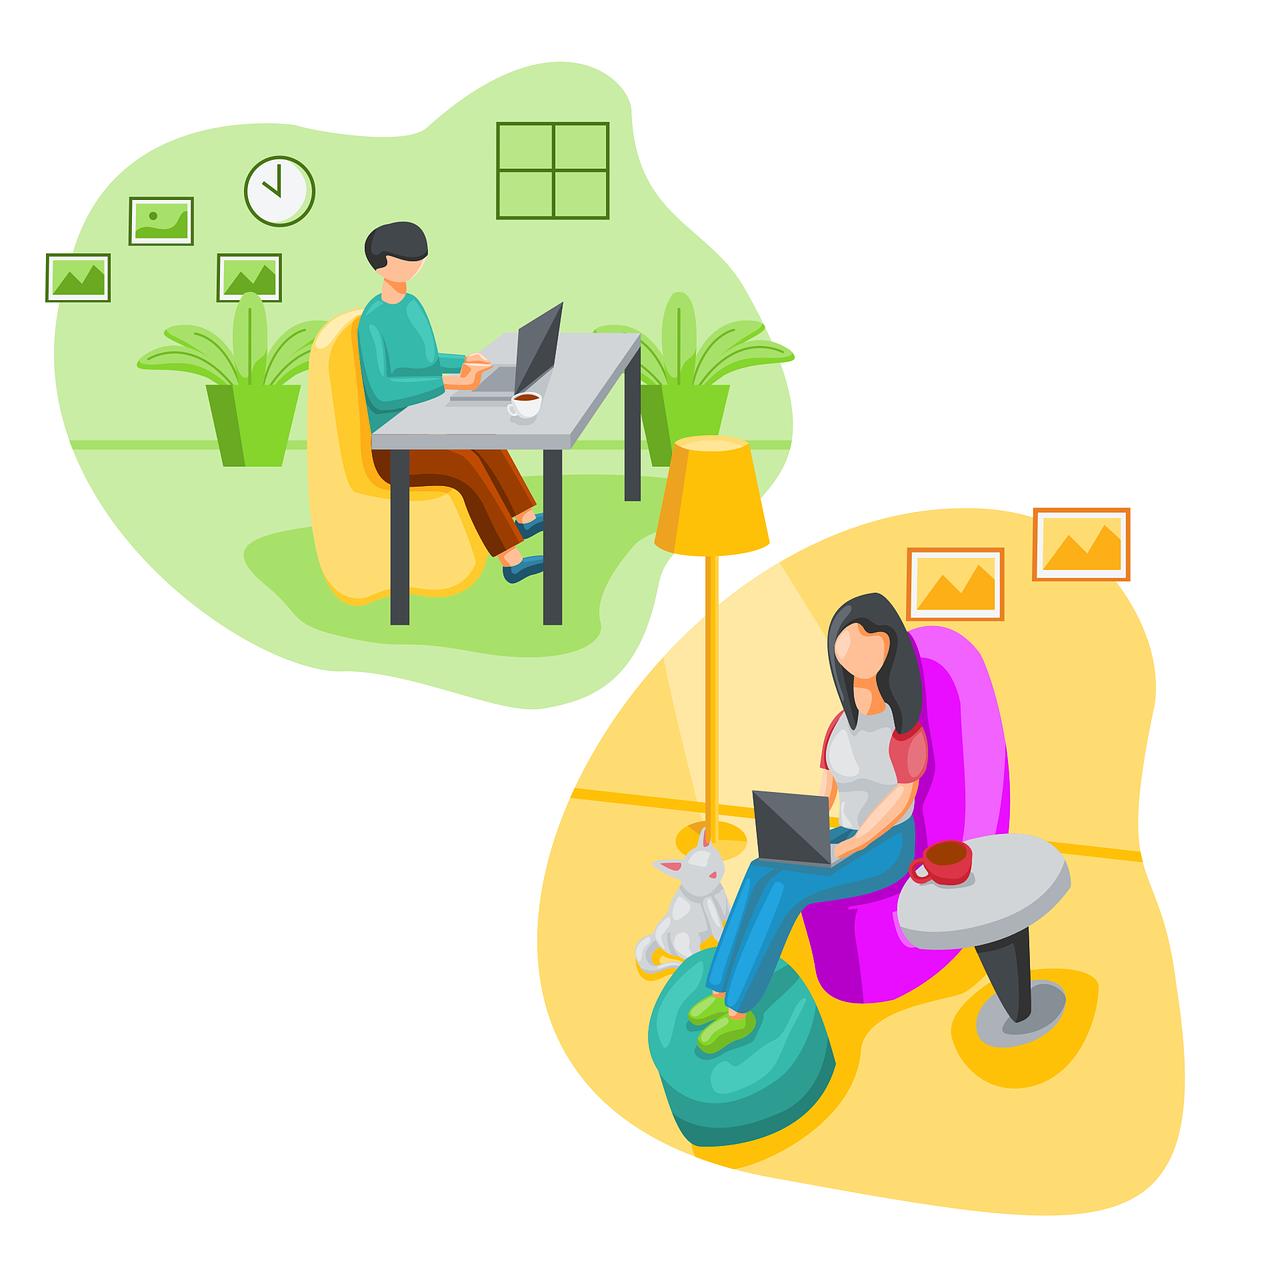 5 эффективных способов быстро получить клиентов  в области веб-дизайна